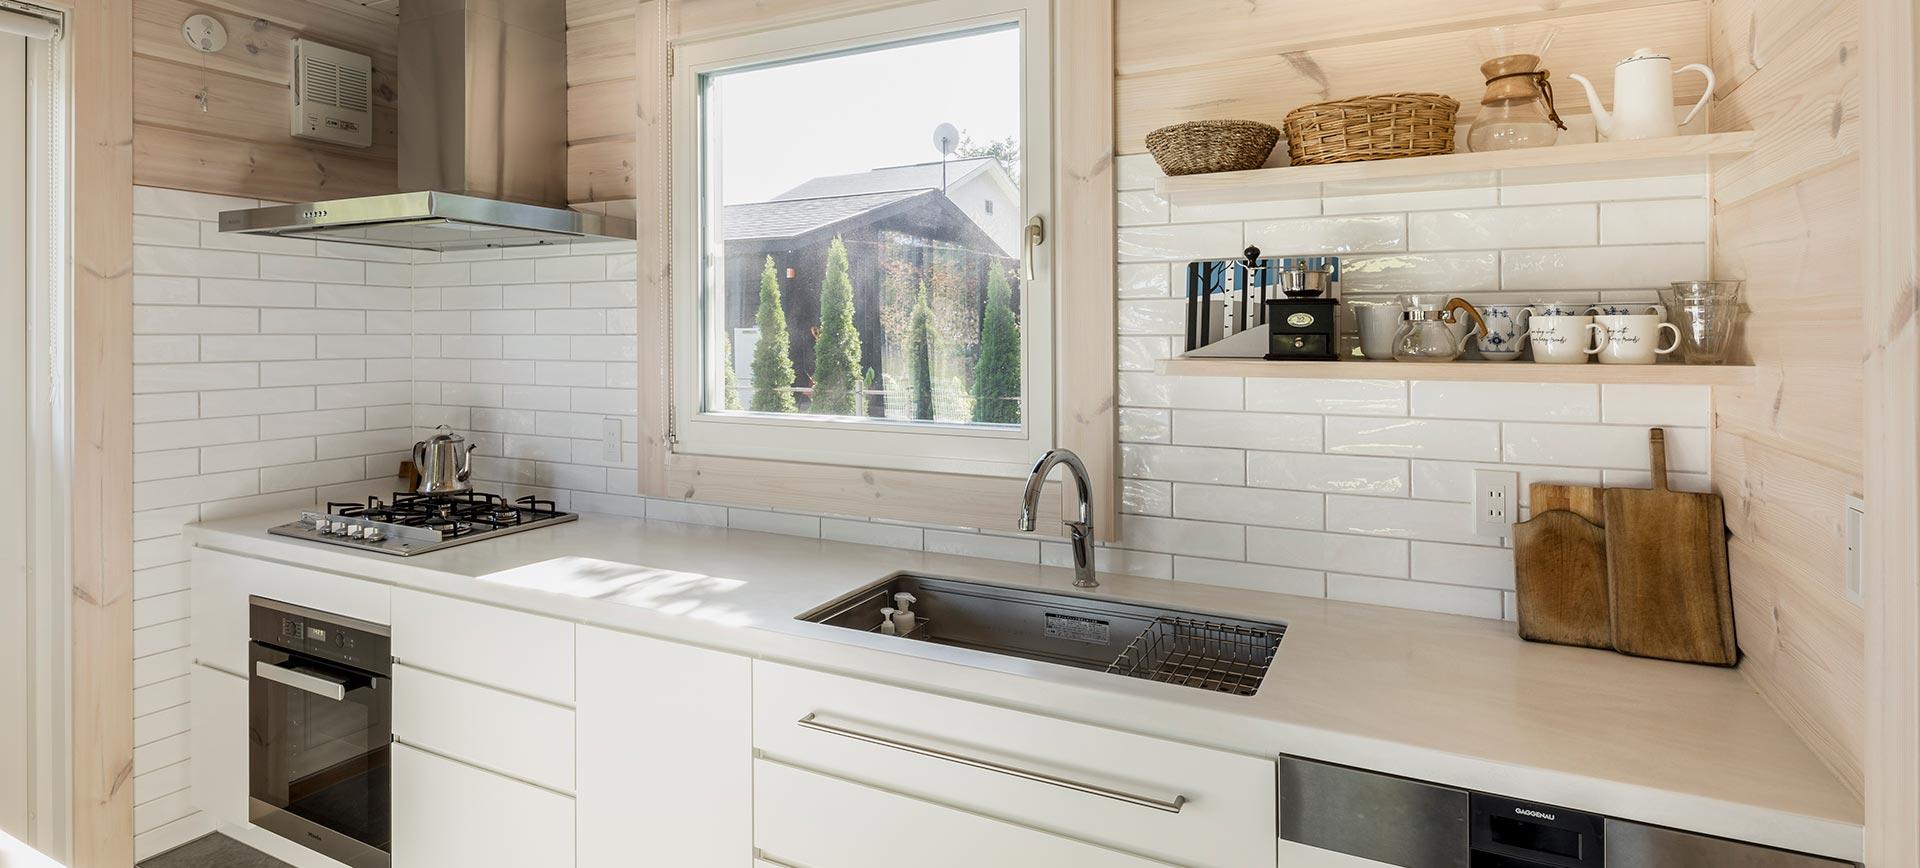 正面に大きな窓を設け、景色と採光を叶えたキッチン